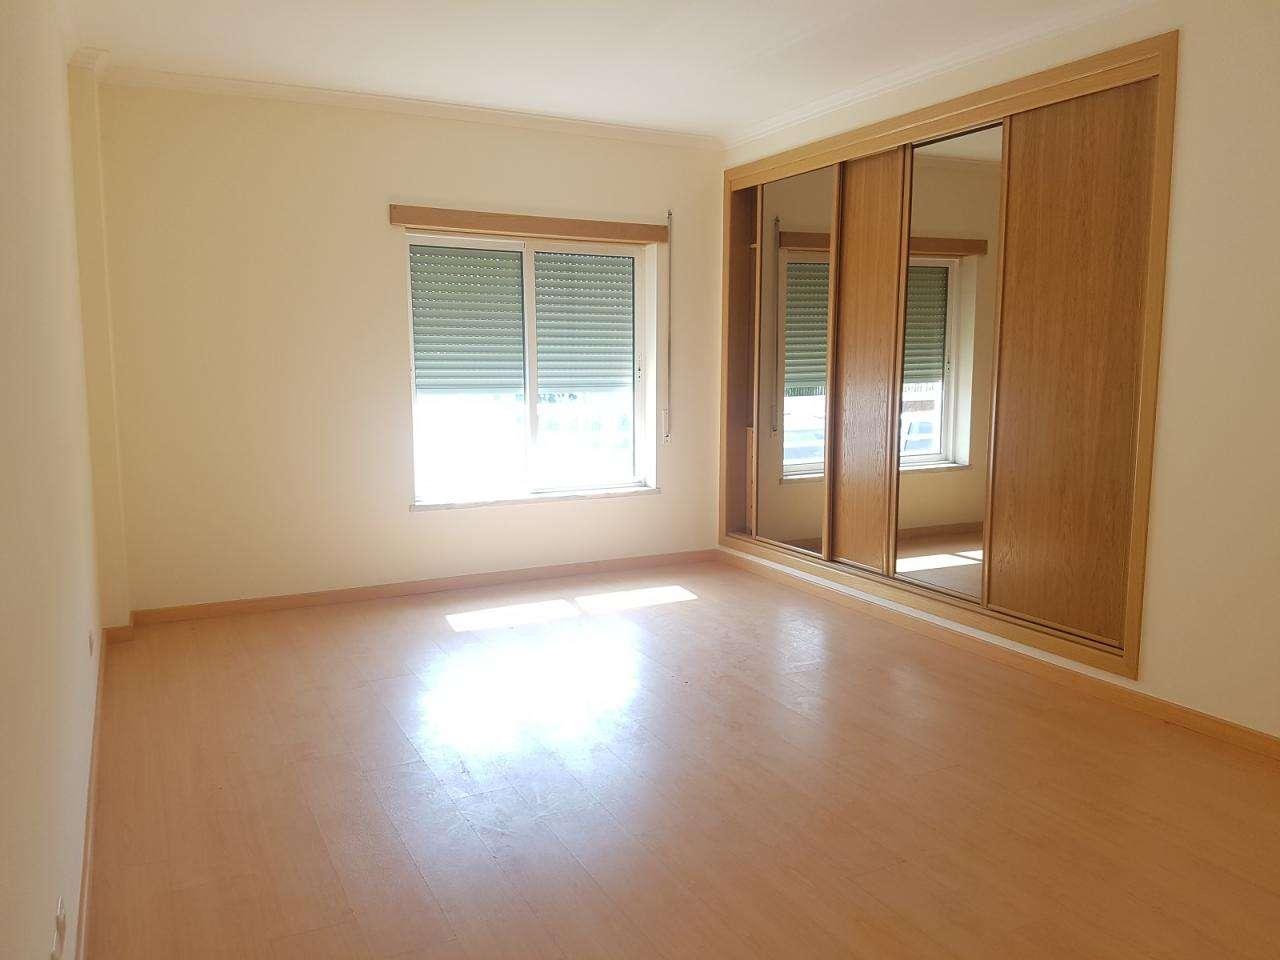 Apartamento para comprar, Pinhal Novo, Setúbal - Foto 33